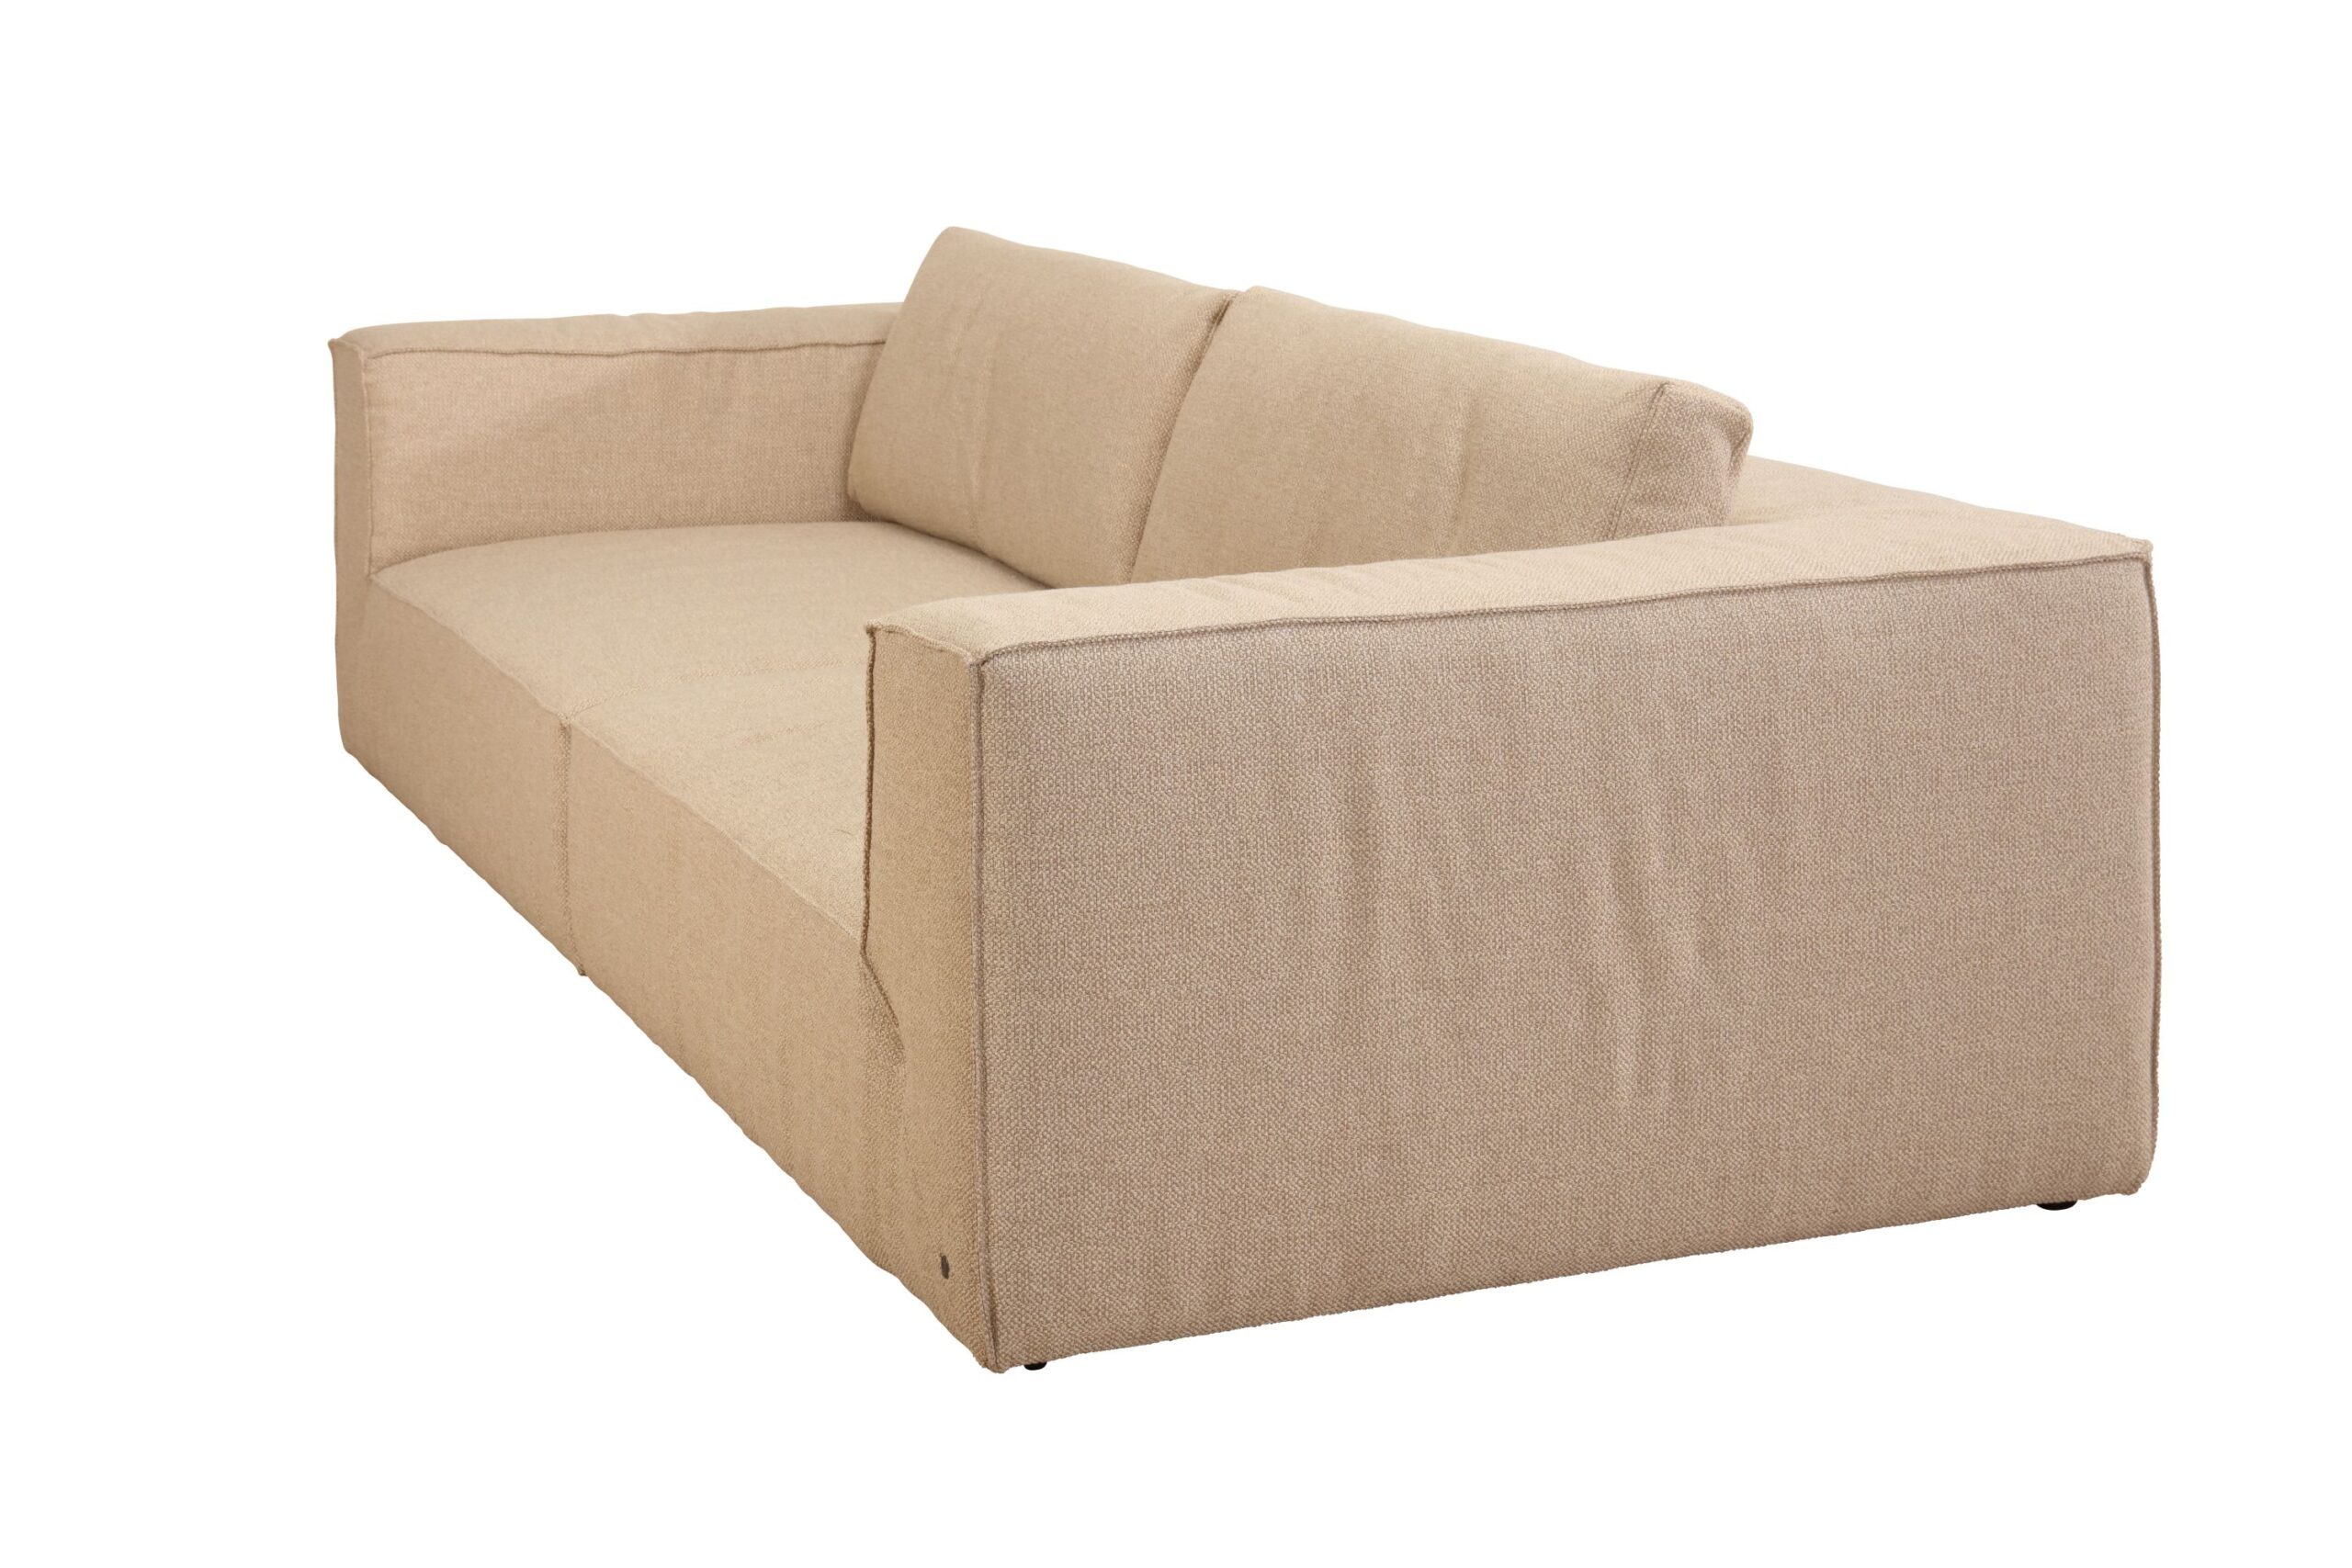 Full Size of Tom Tailor Big Sofa 2 Sitzer Einzelsofas Polstermbel Mbel Baxter Mit Bettfunktion Xxxl 3 Teilig Grau Hersteller Schlafsofa Liegefläche 160x200 Relaxfunktion Wohnzimmer Tom Tailor Big Sofa